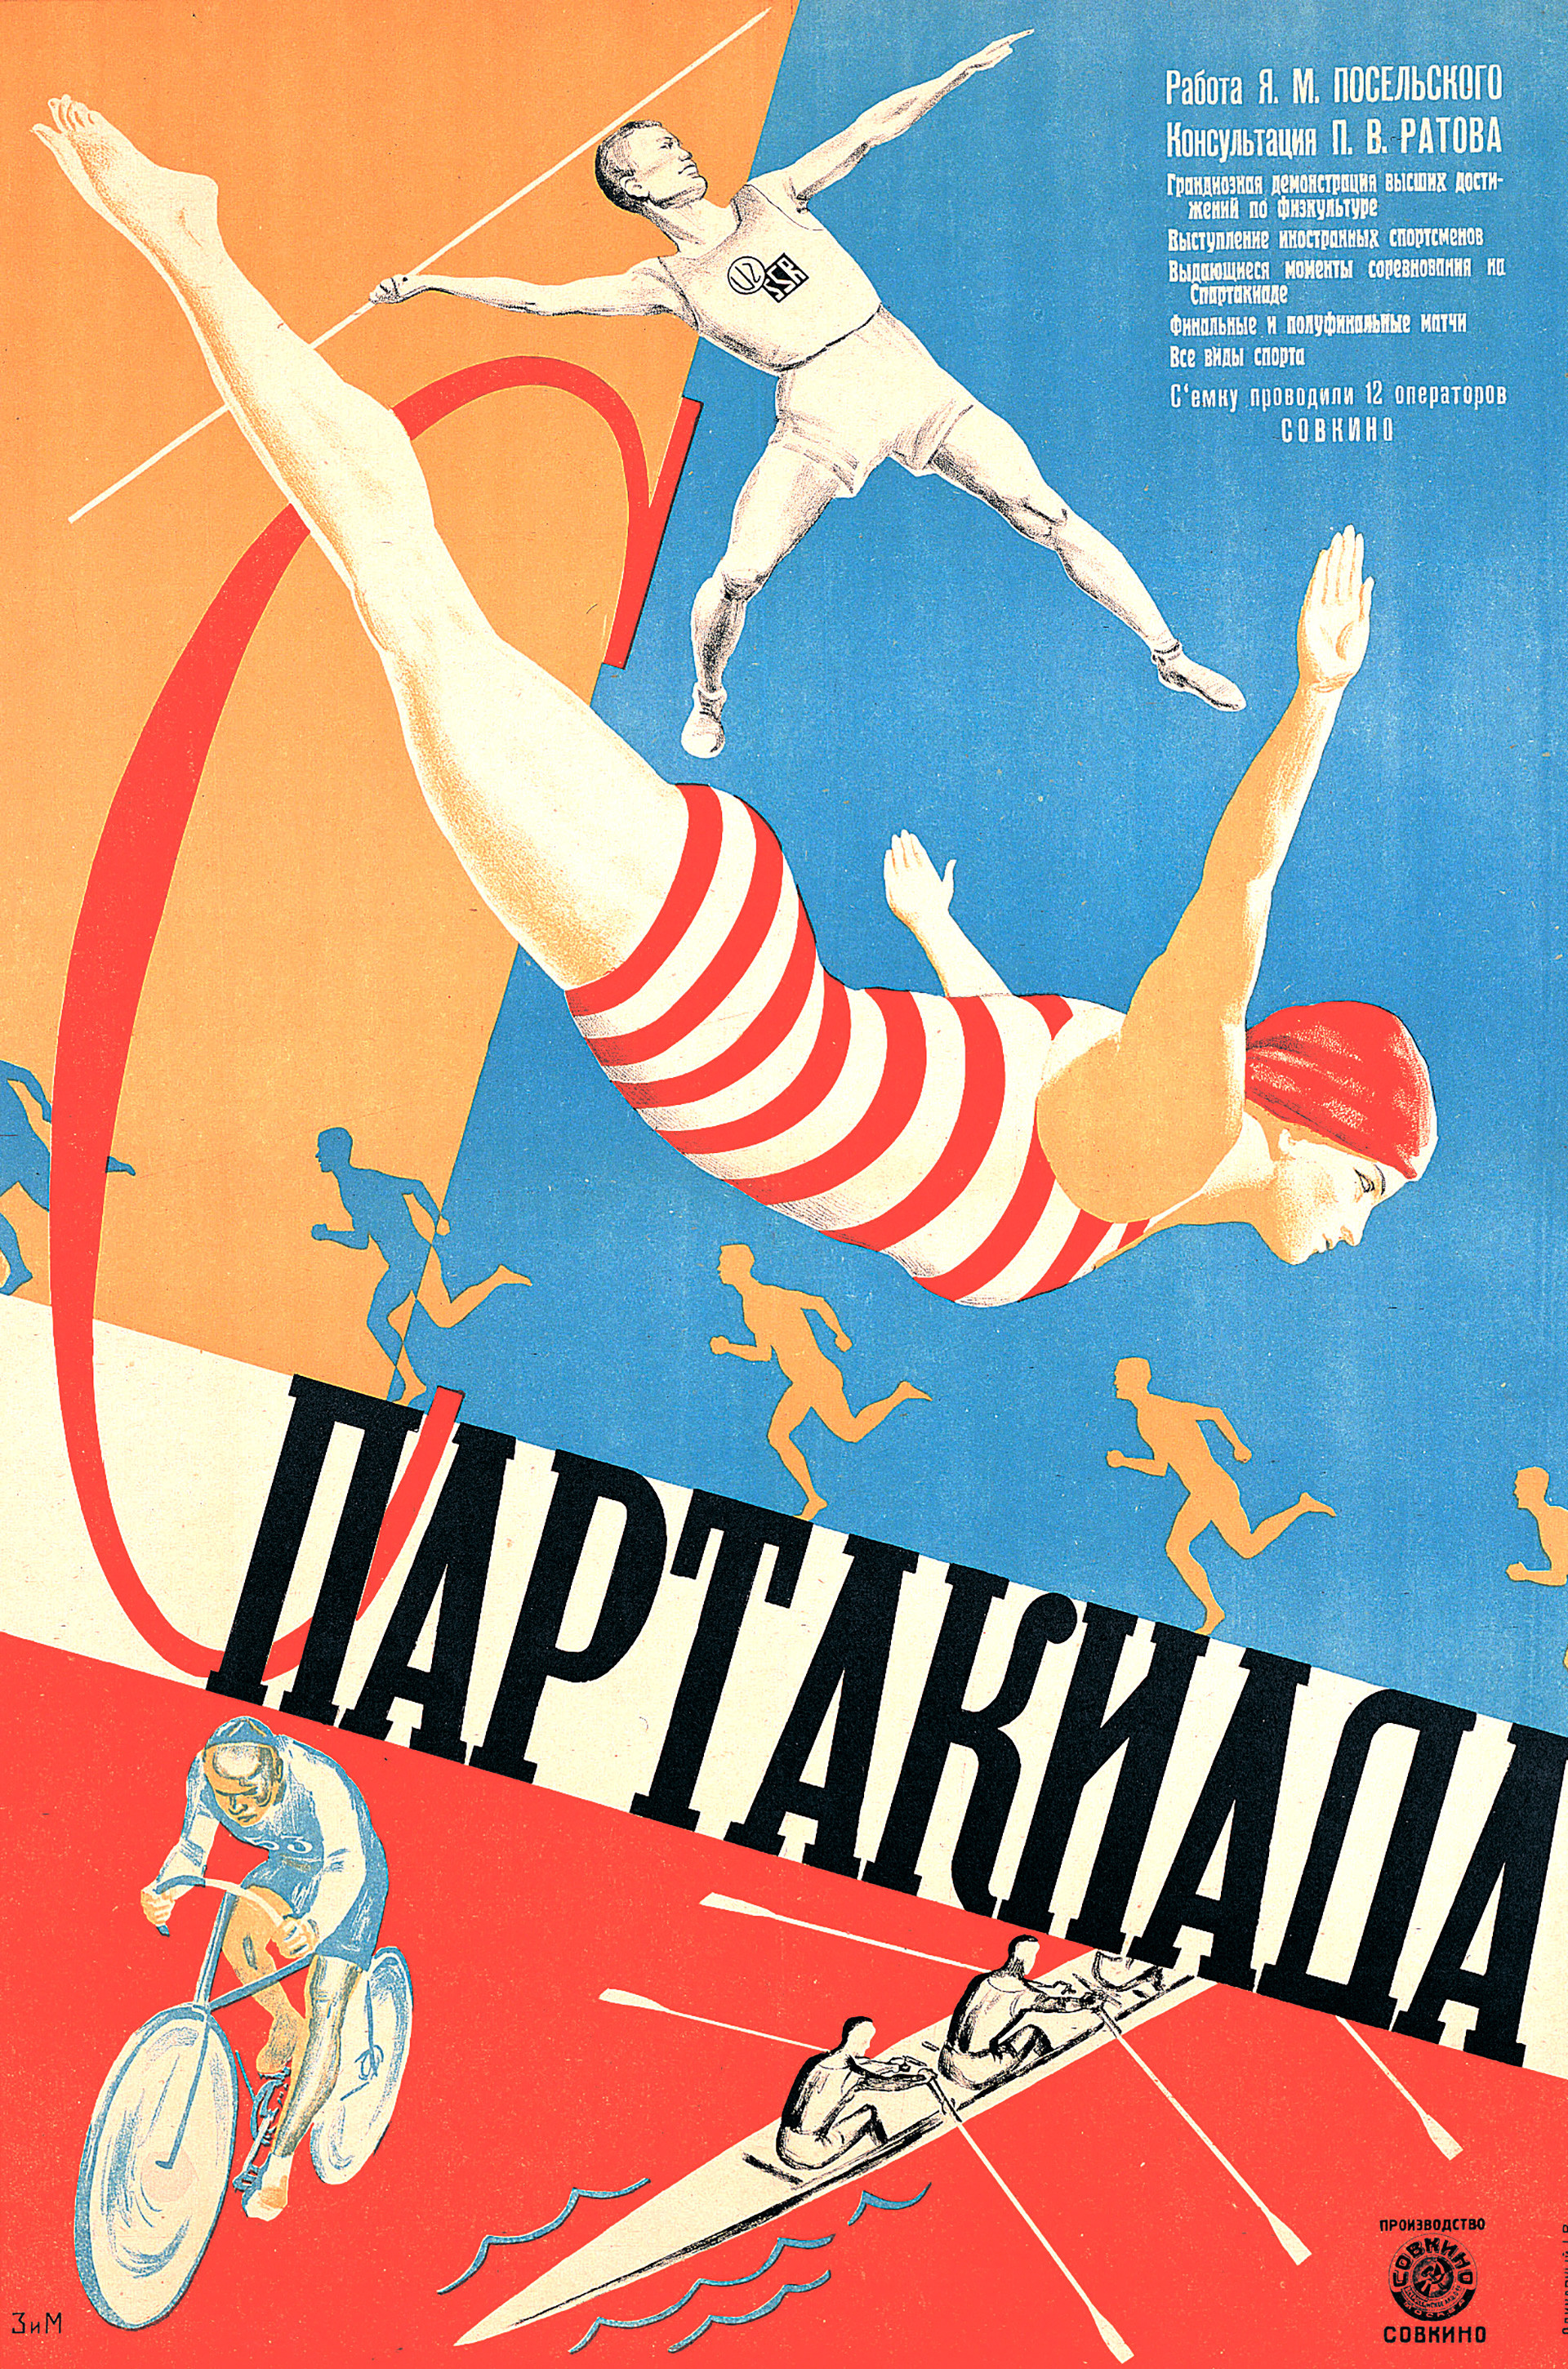 ZIM、映画『スパルタキアーダ』(1927)のポスター